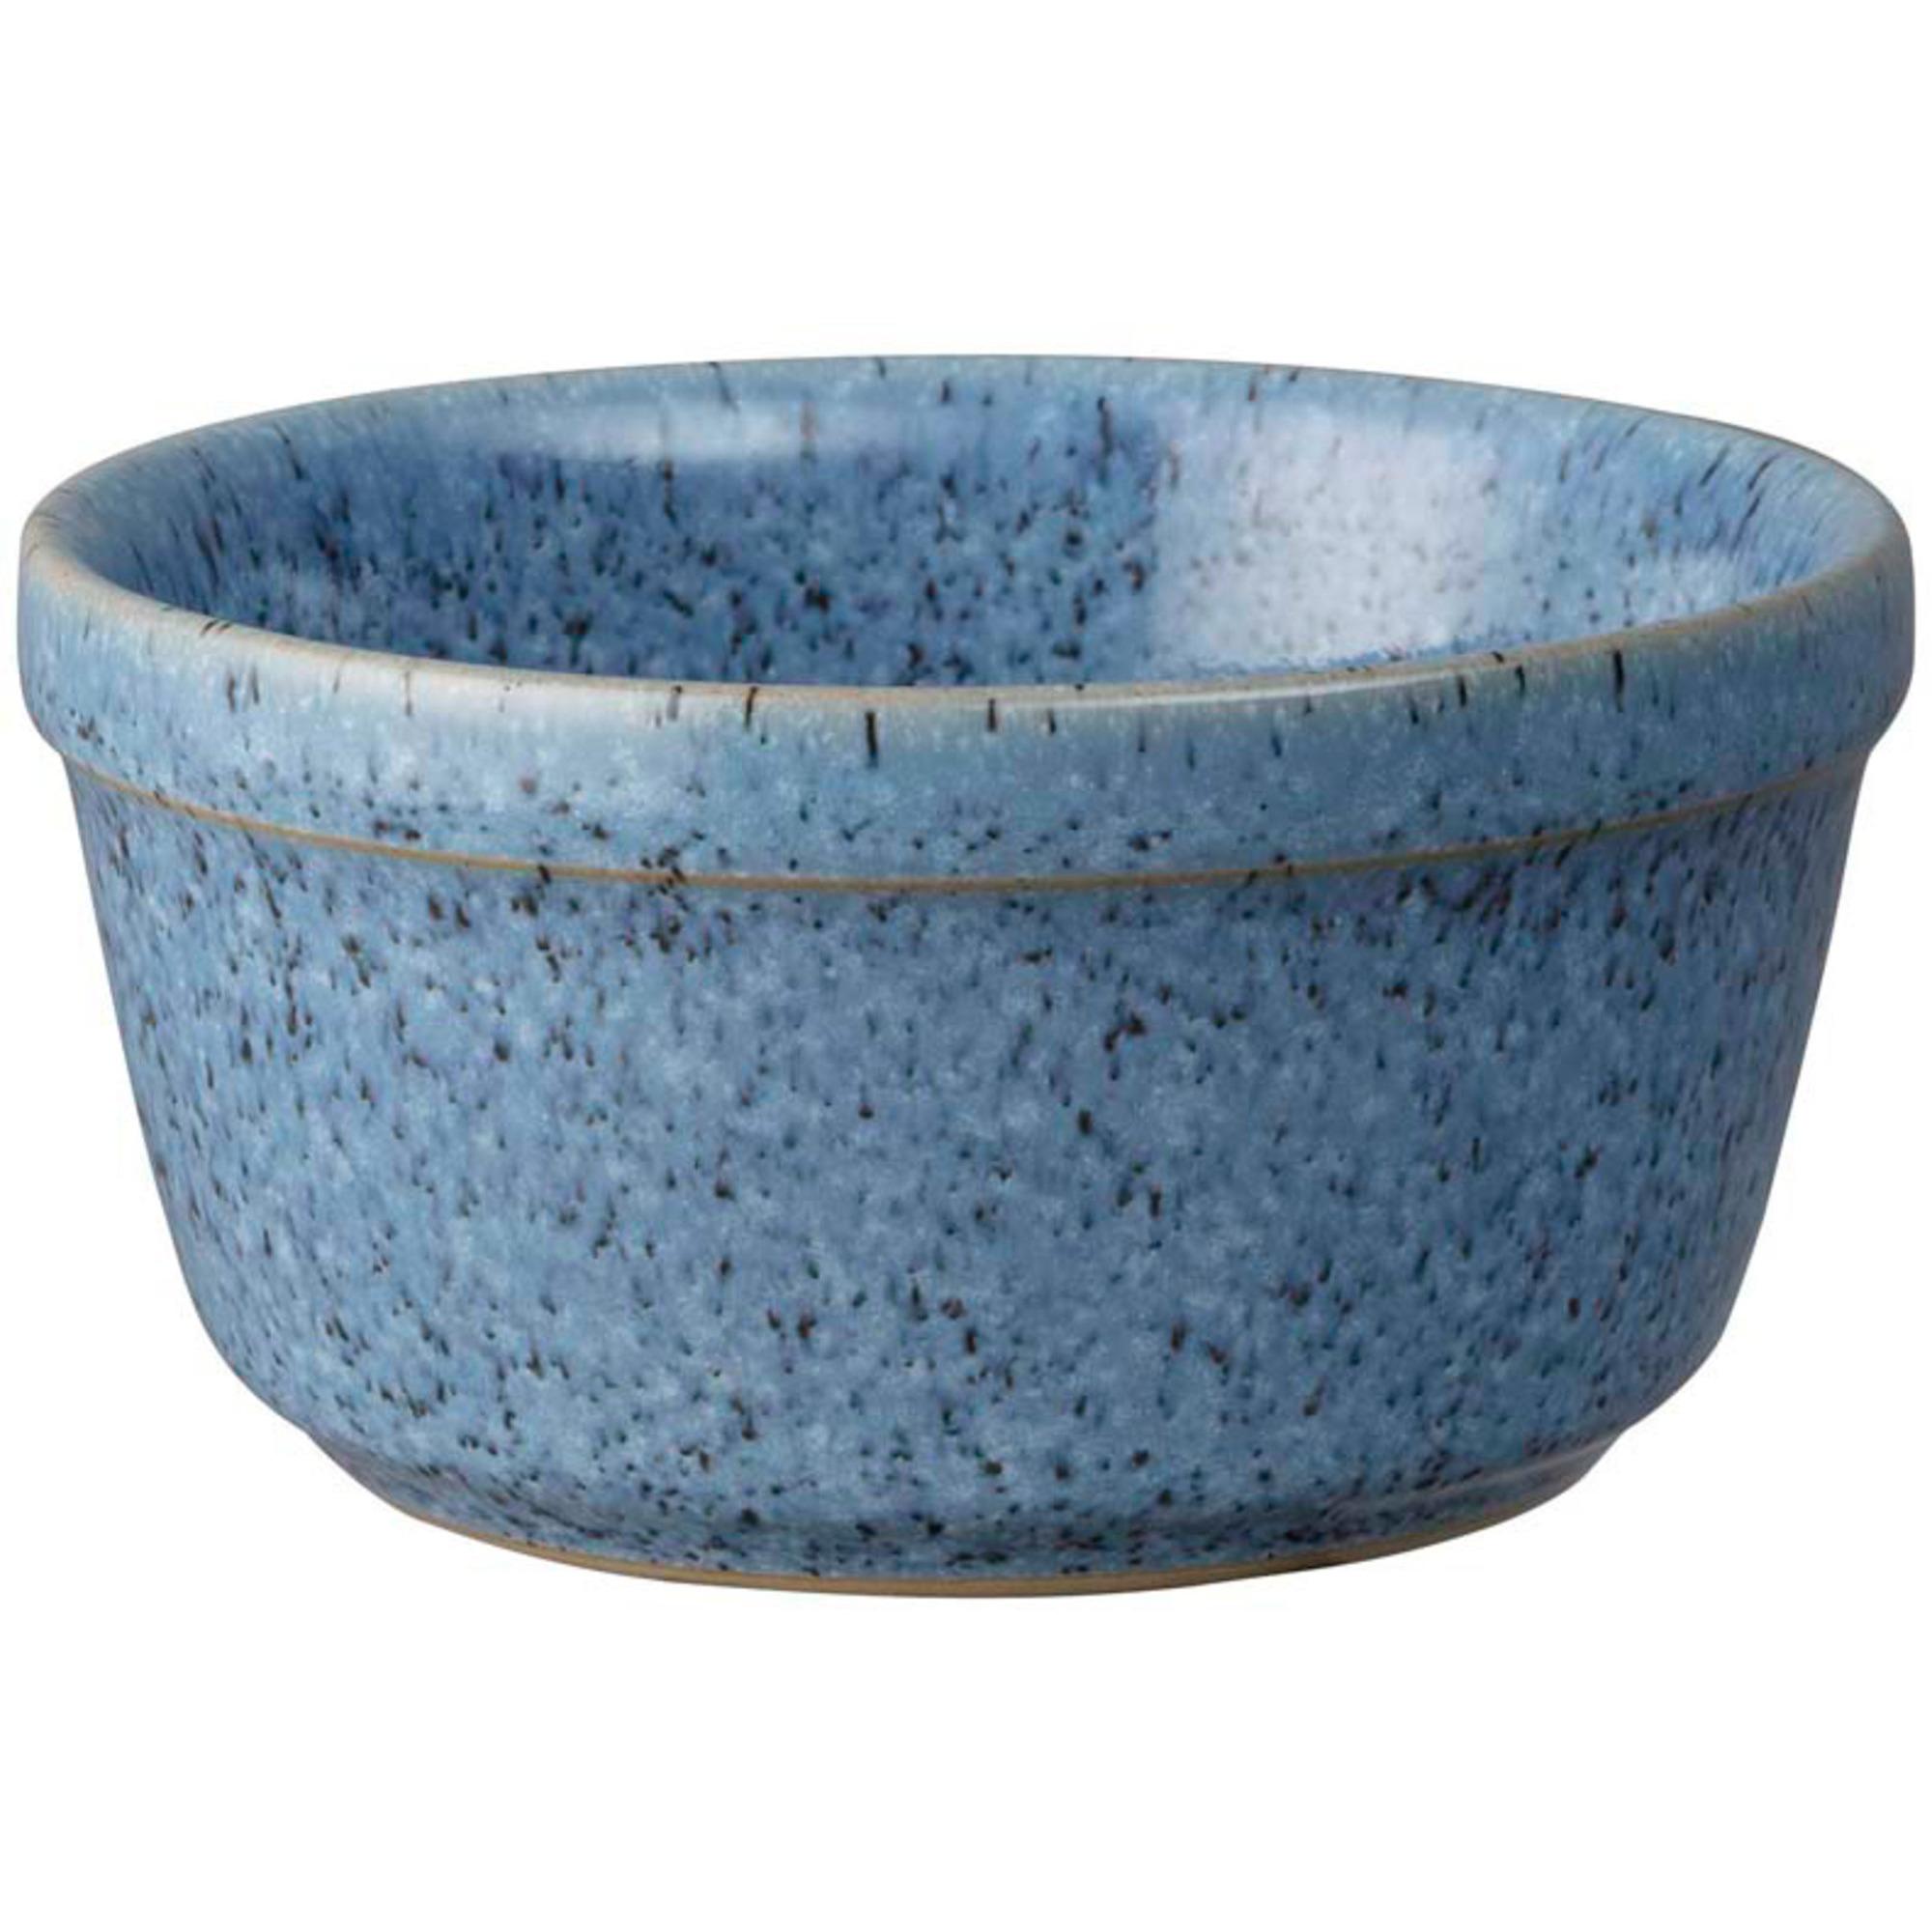 Denby Studio Blue Ramekin Flint